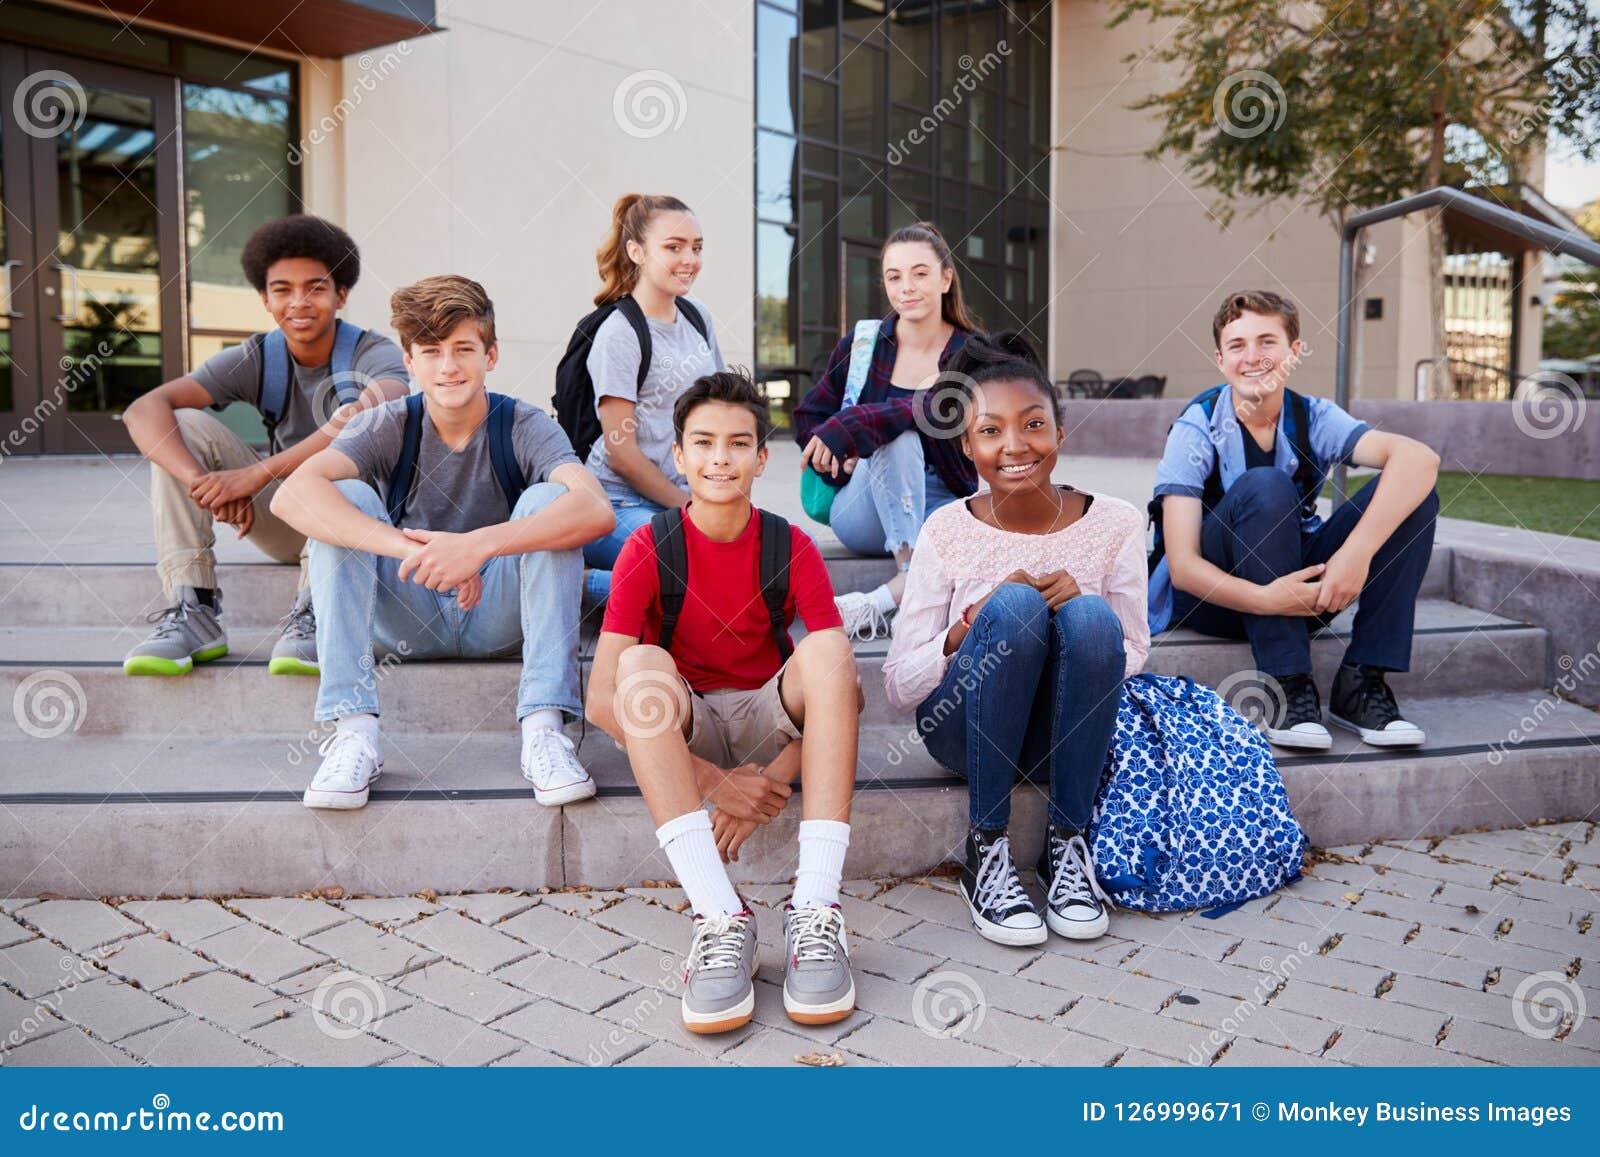 Retrato de los edificios de la universidad de Group Sitting Outside del estudiante de la High School secundaria